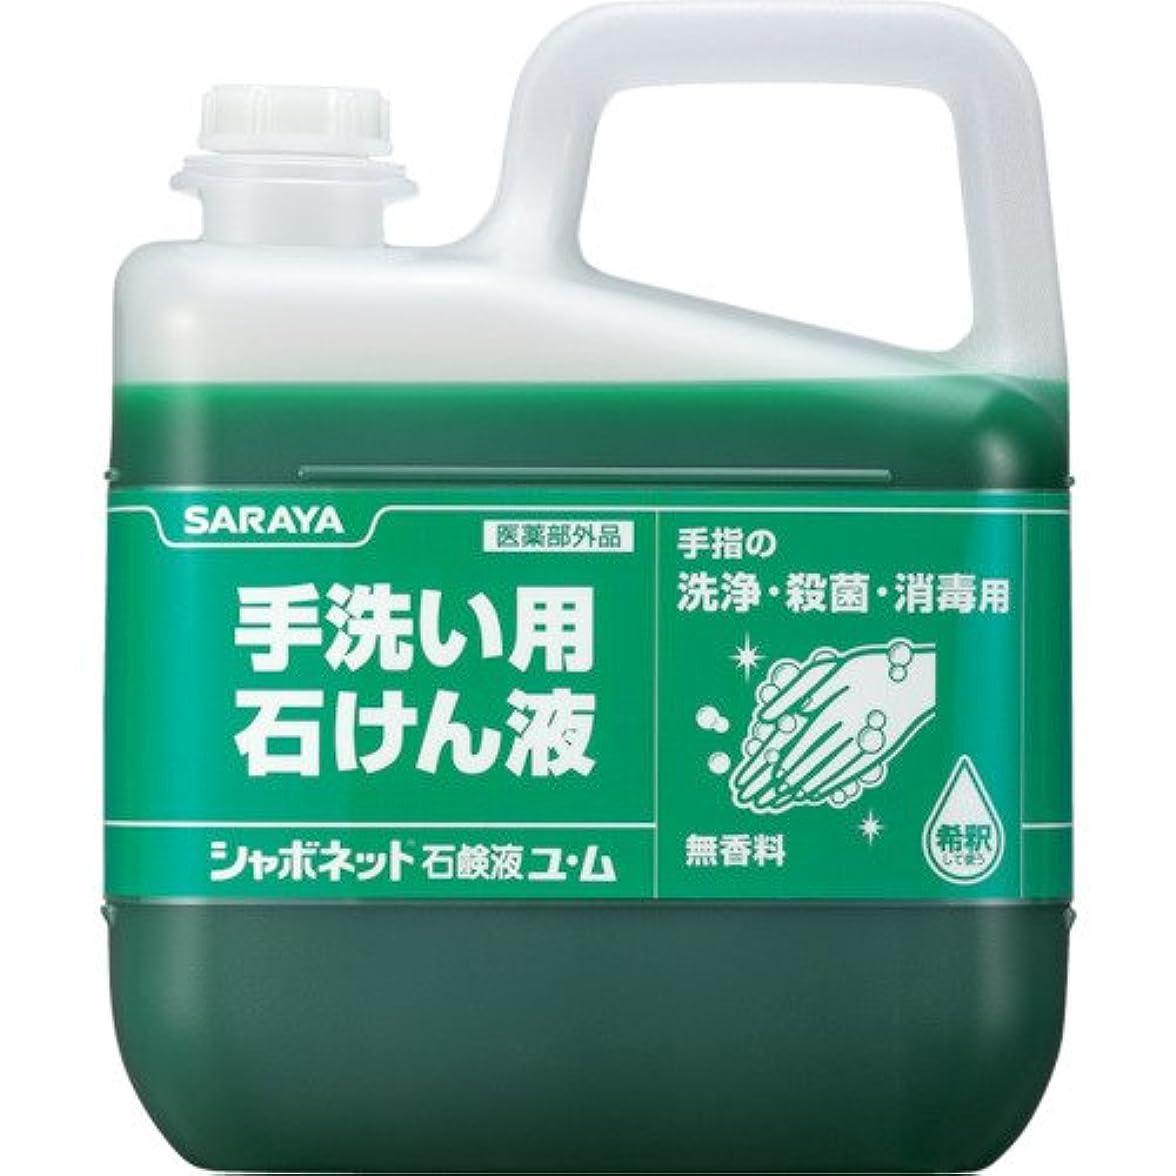 面白いビバ通信網サラヤ ハンドソープ シャボネット石鹸液ユ?ム 5kg